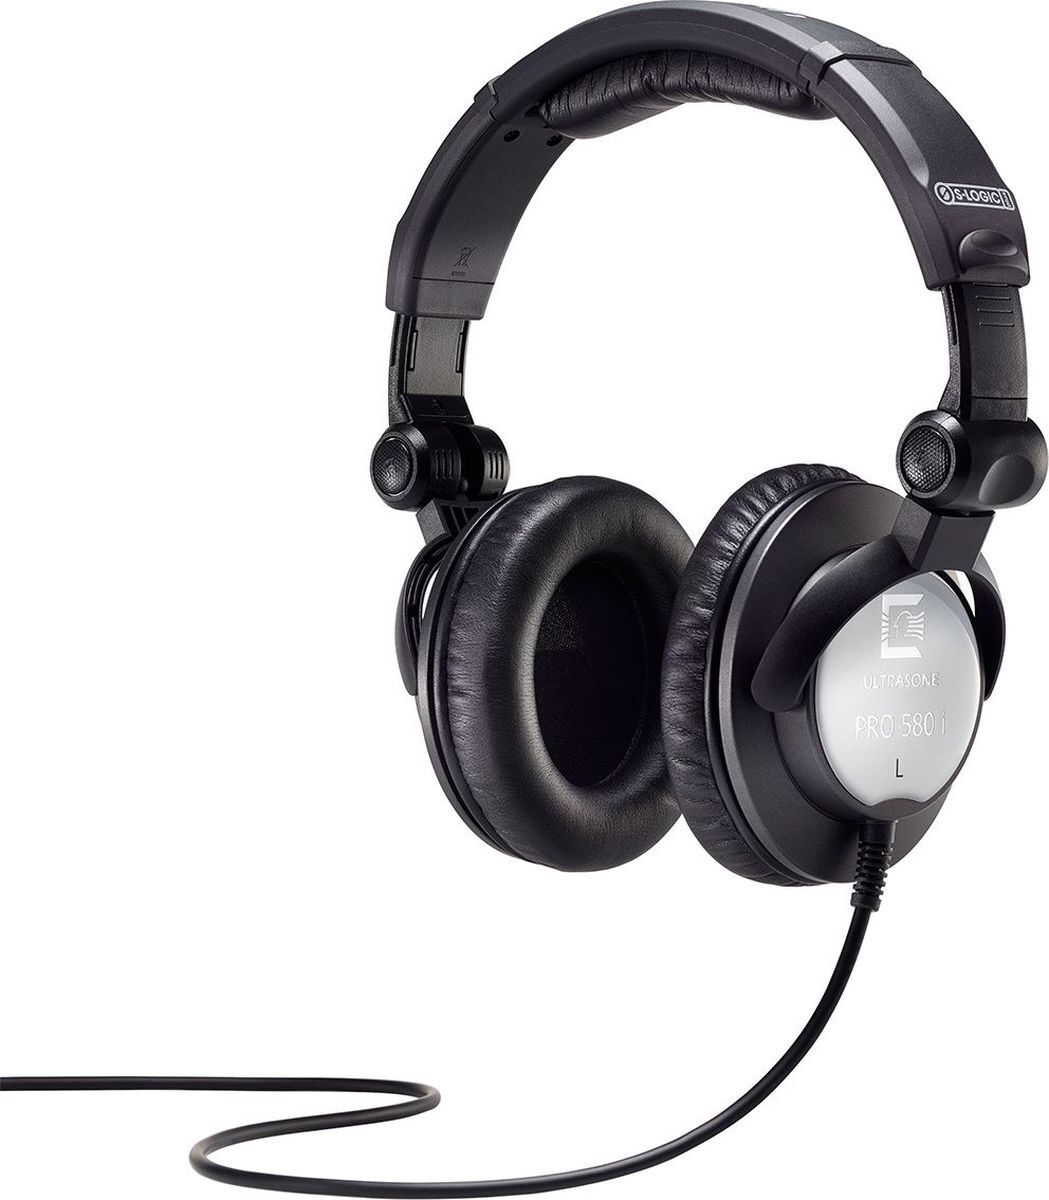 Наушники Ultrasone Pro 580i, черный